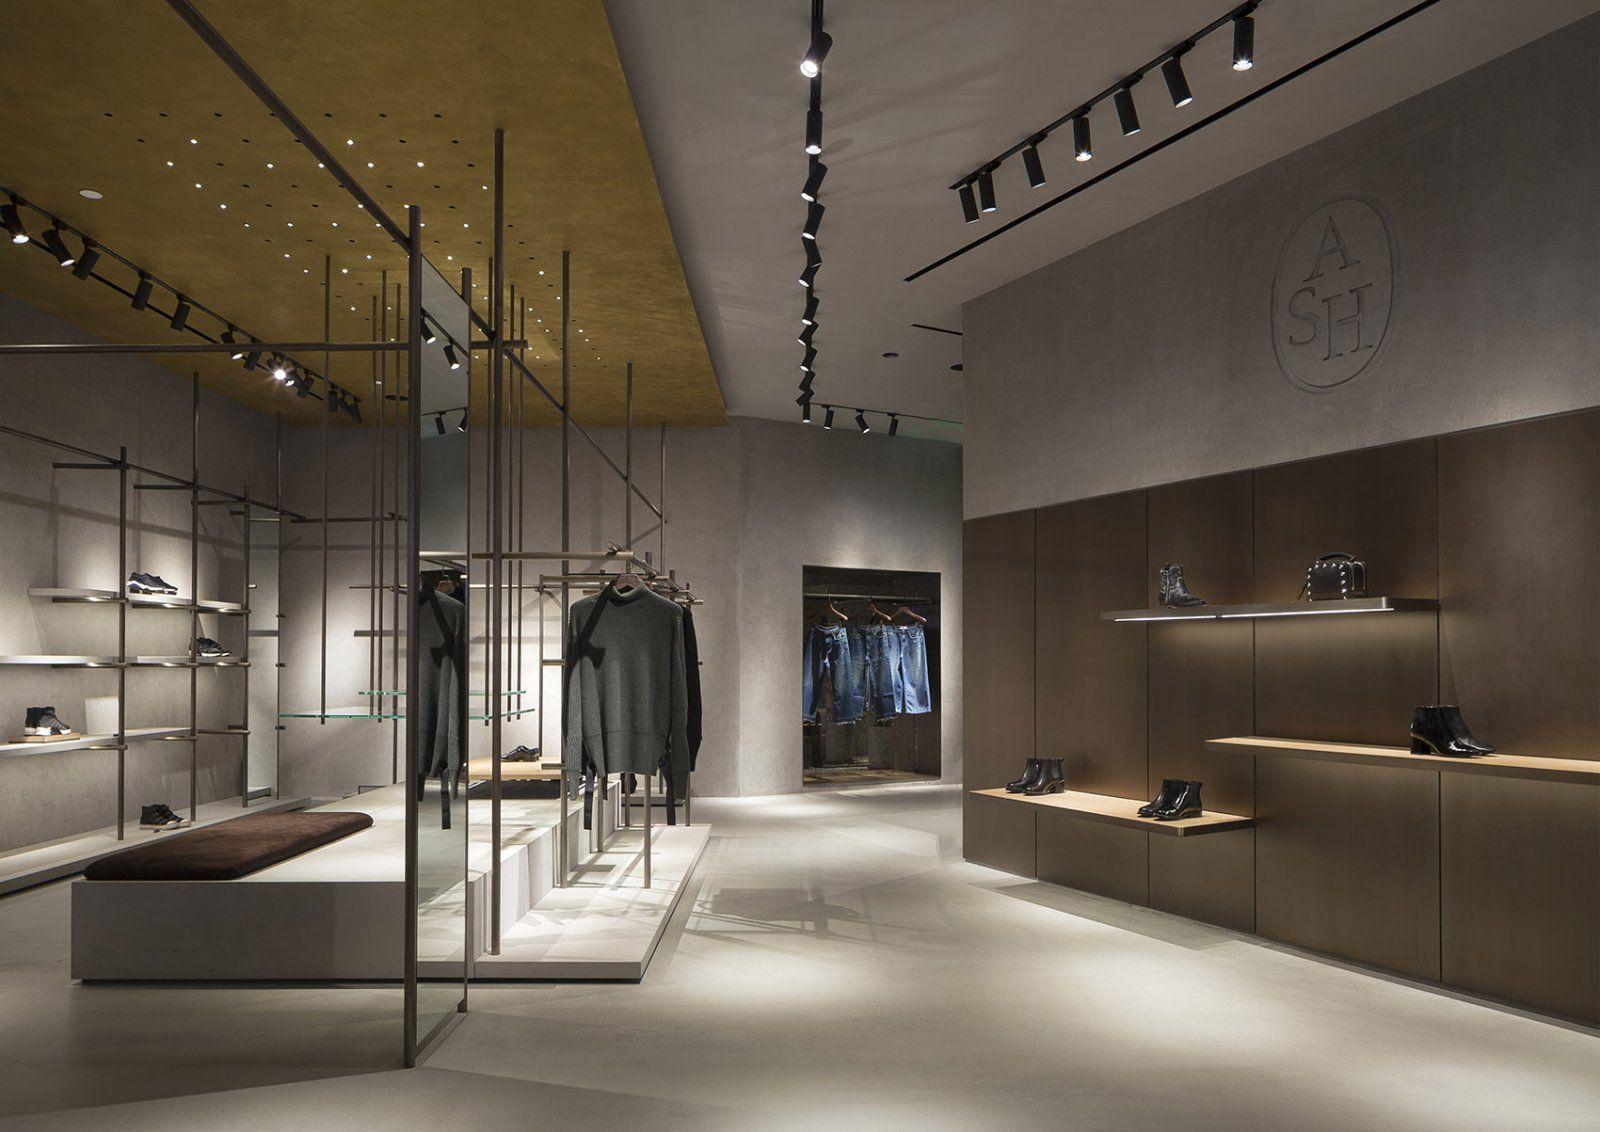 上海ASH来福士广场及恒隆广场店 | Francesc Rifé Studio